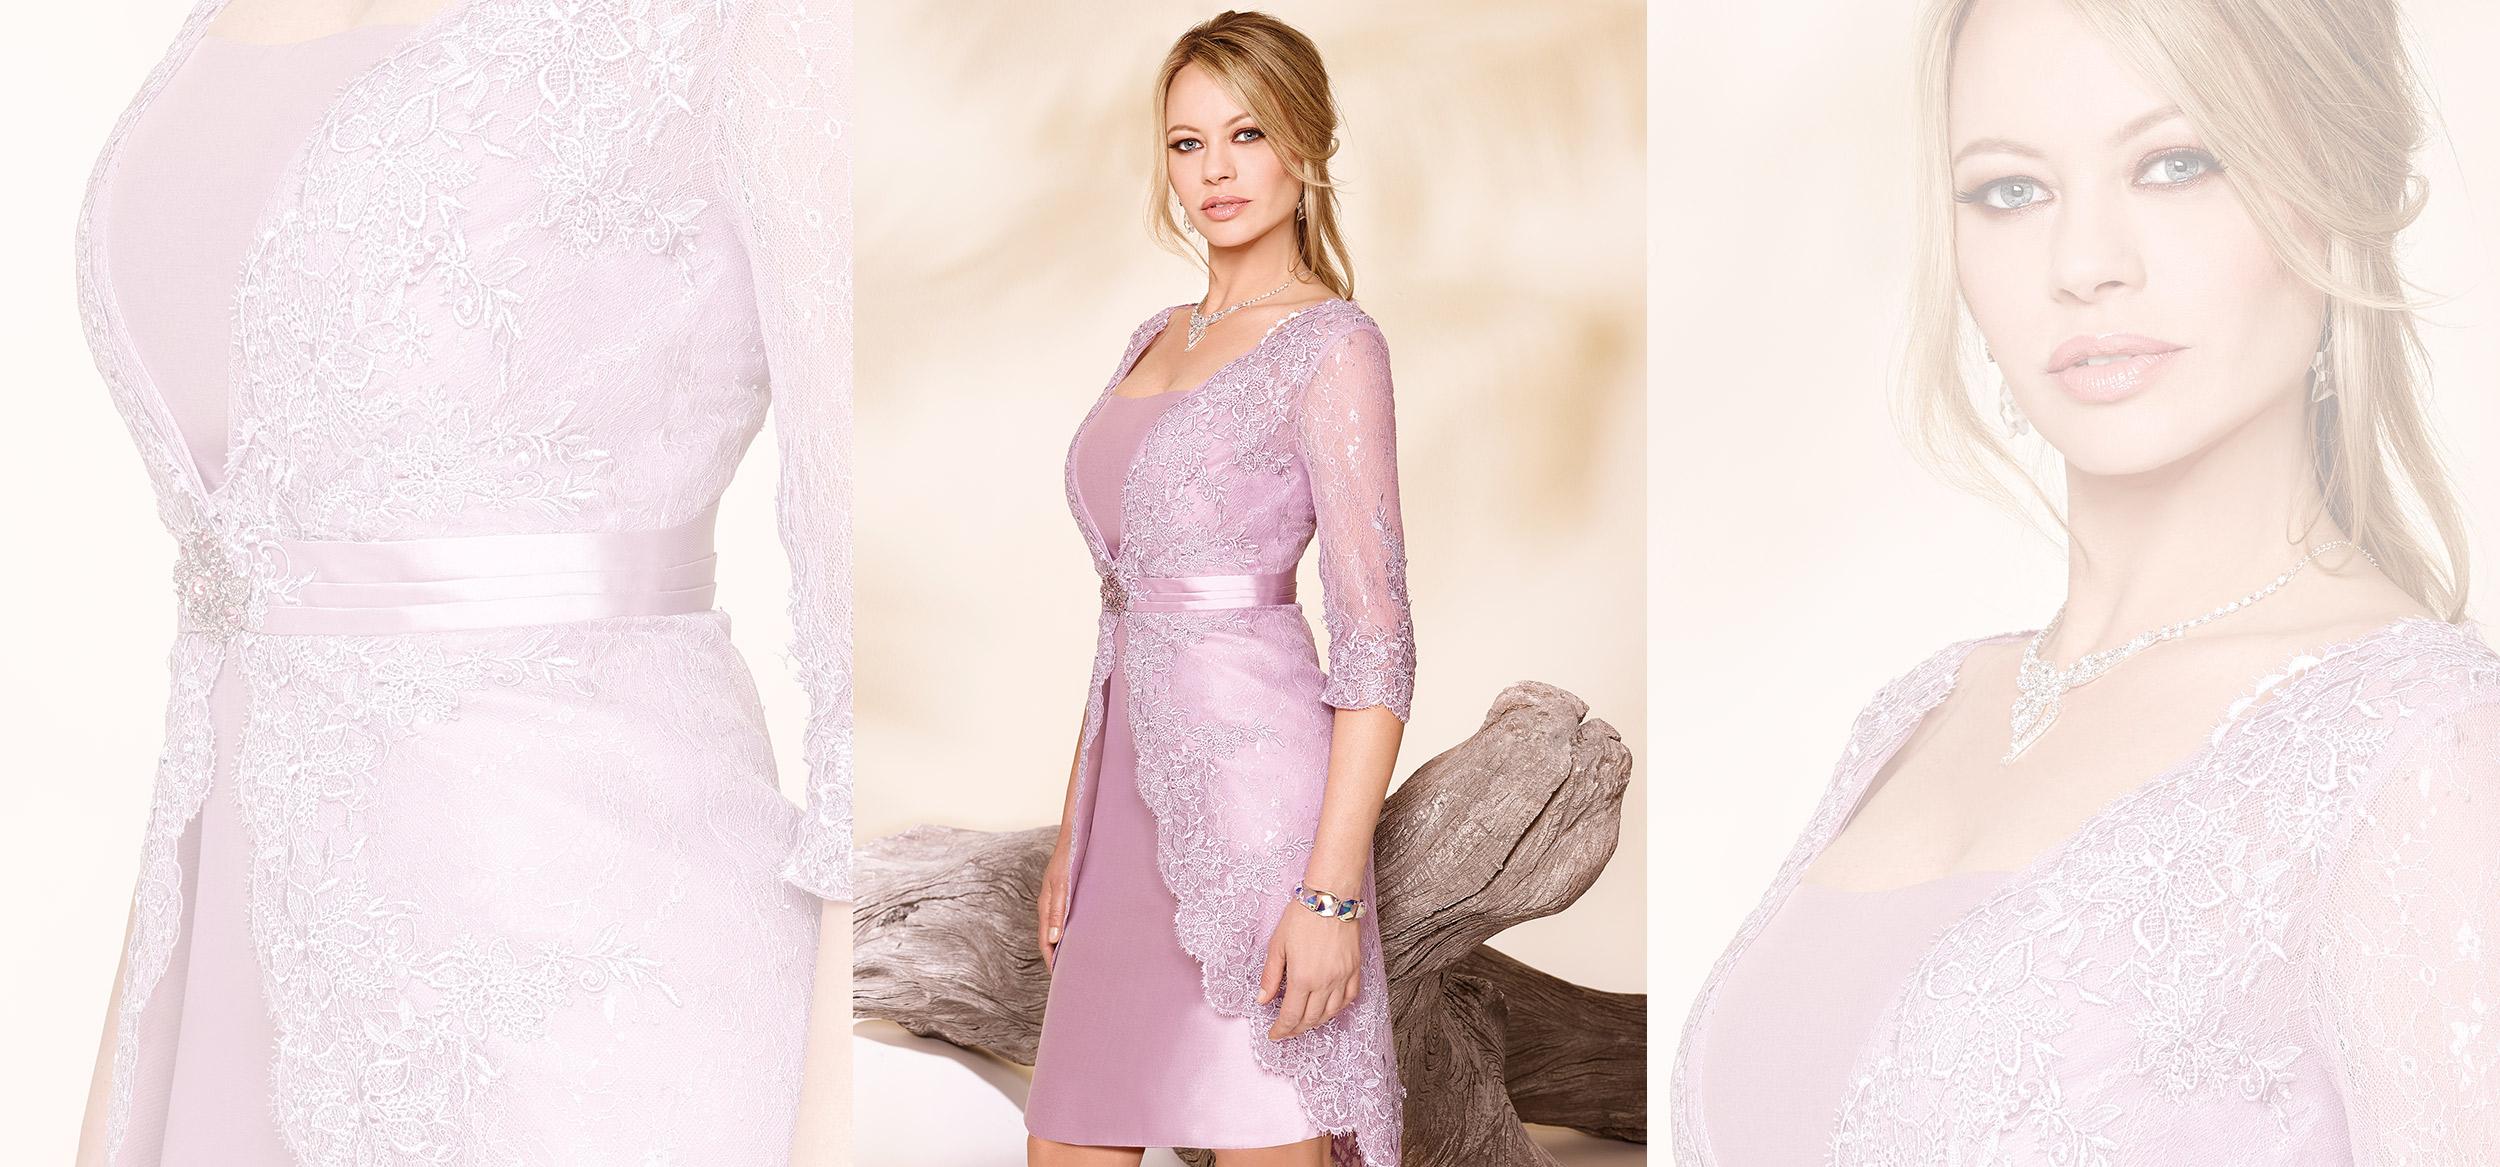 Cerimonia 2016 Donna8da Collezione Abiti Fjct3luk15 Couture Musani 76ymbvIYgf